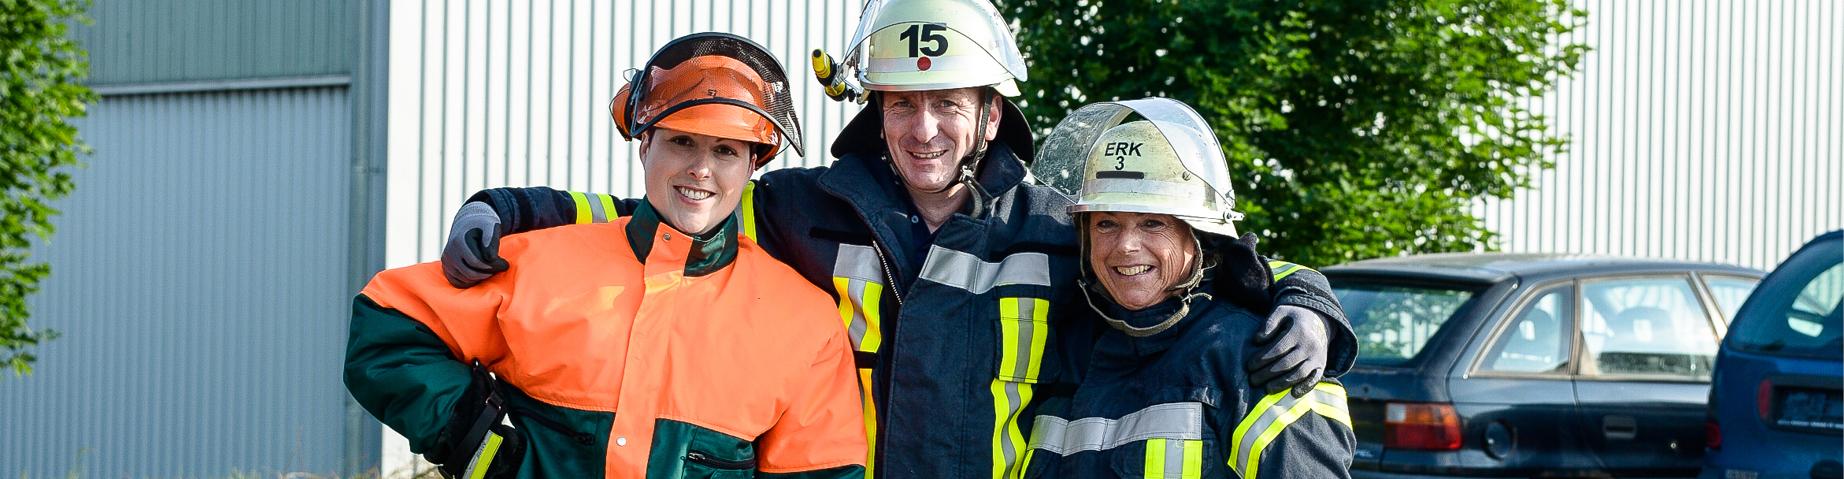 Eine Gruppe von verschiedenen Positionen der Freiwilligen Feuerwehr.